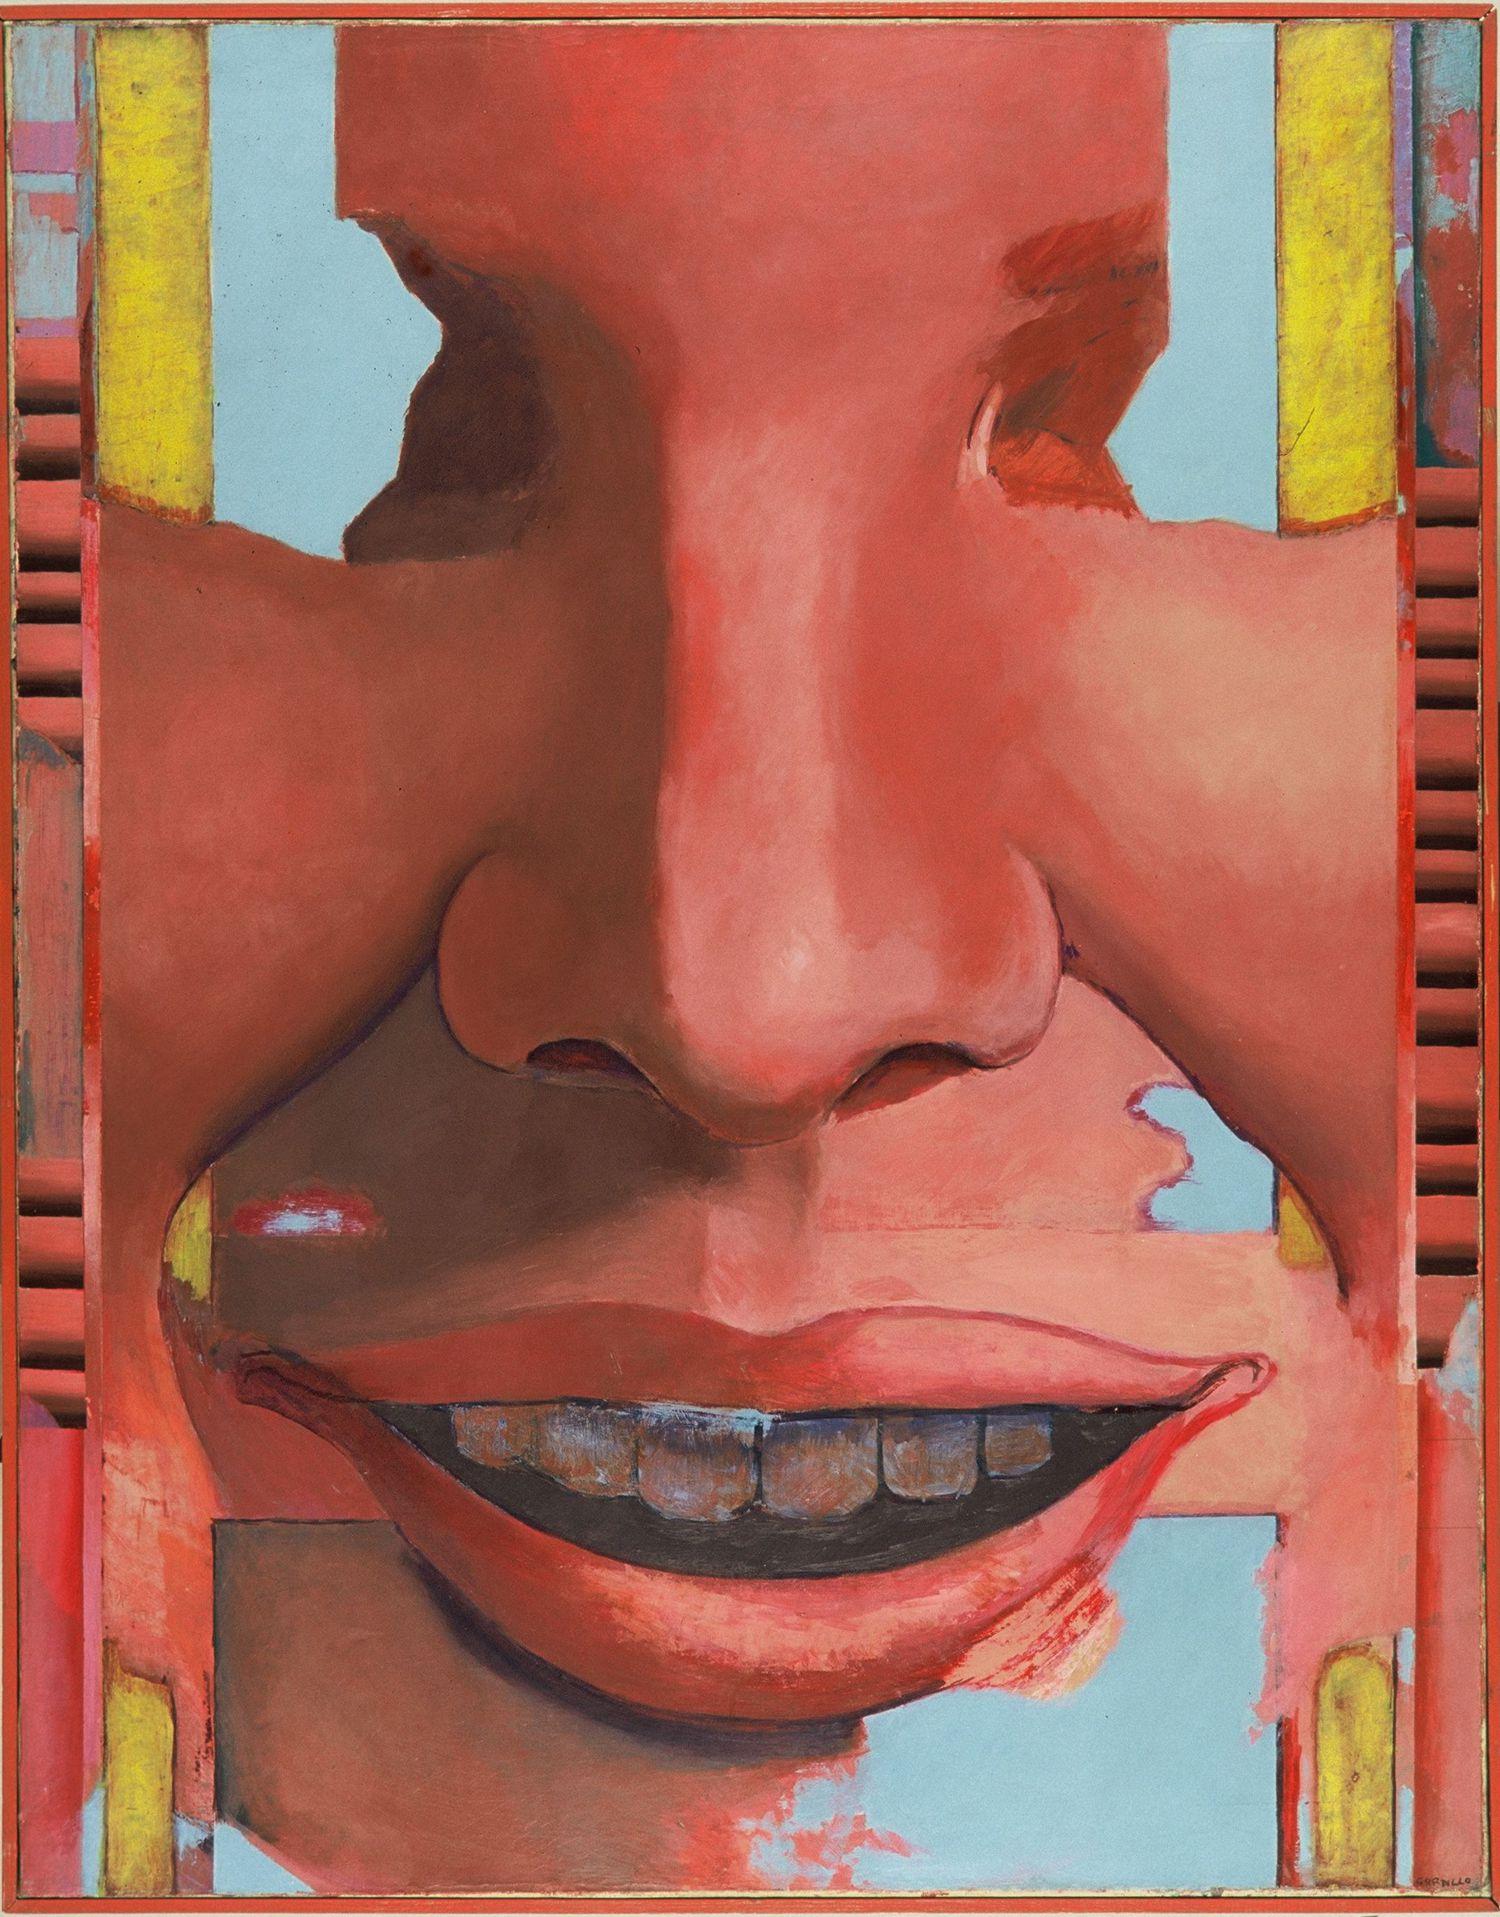 'Gran cabeza' (1965), de Luis Gordillo, una de las primeras adquisiciones del Macse a principios de los setenta.